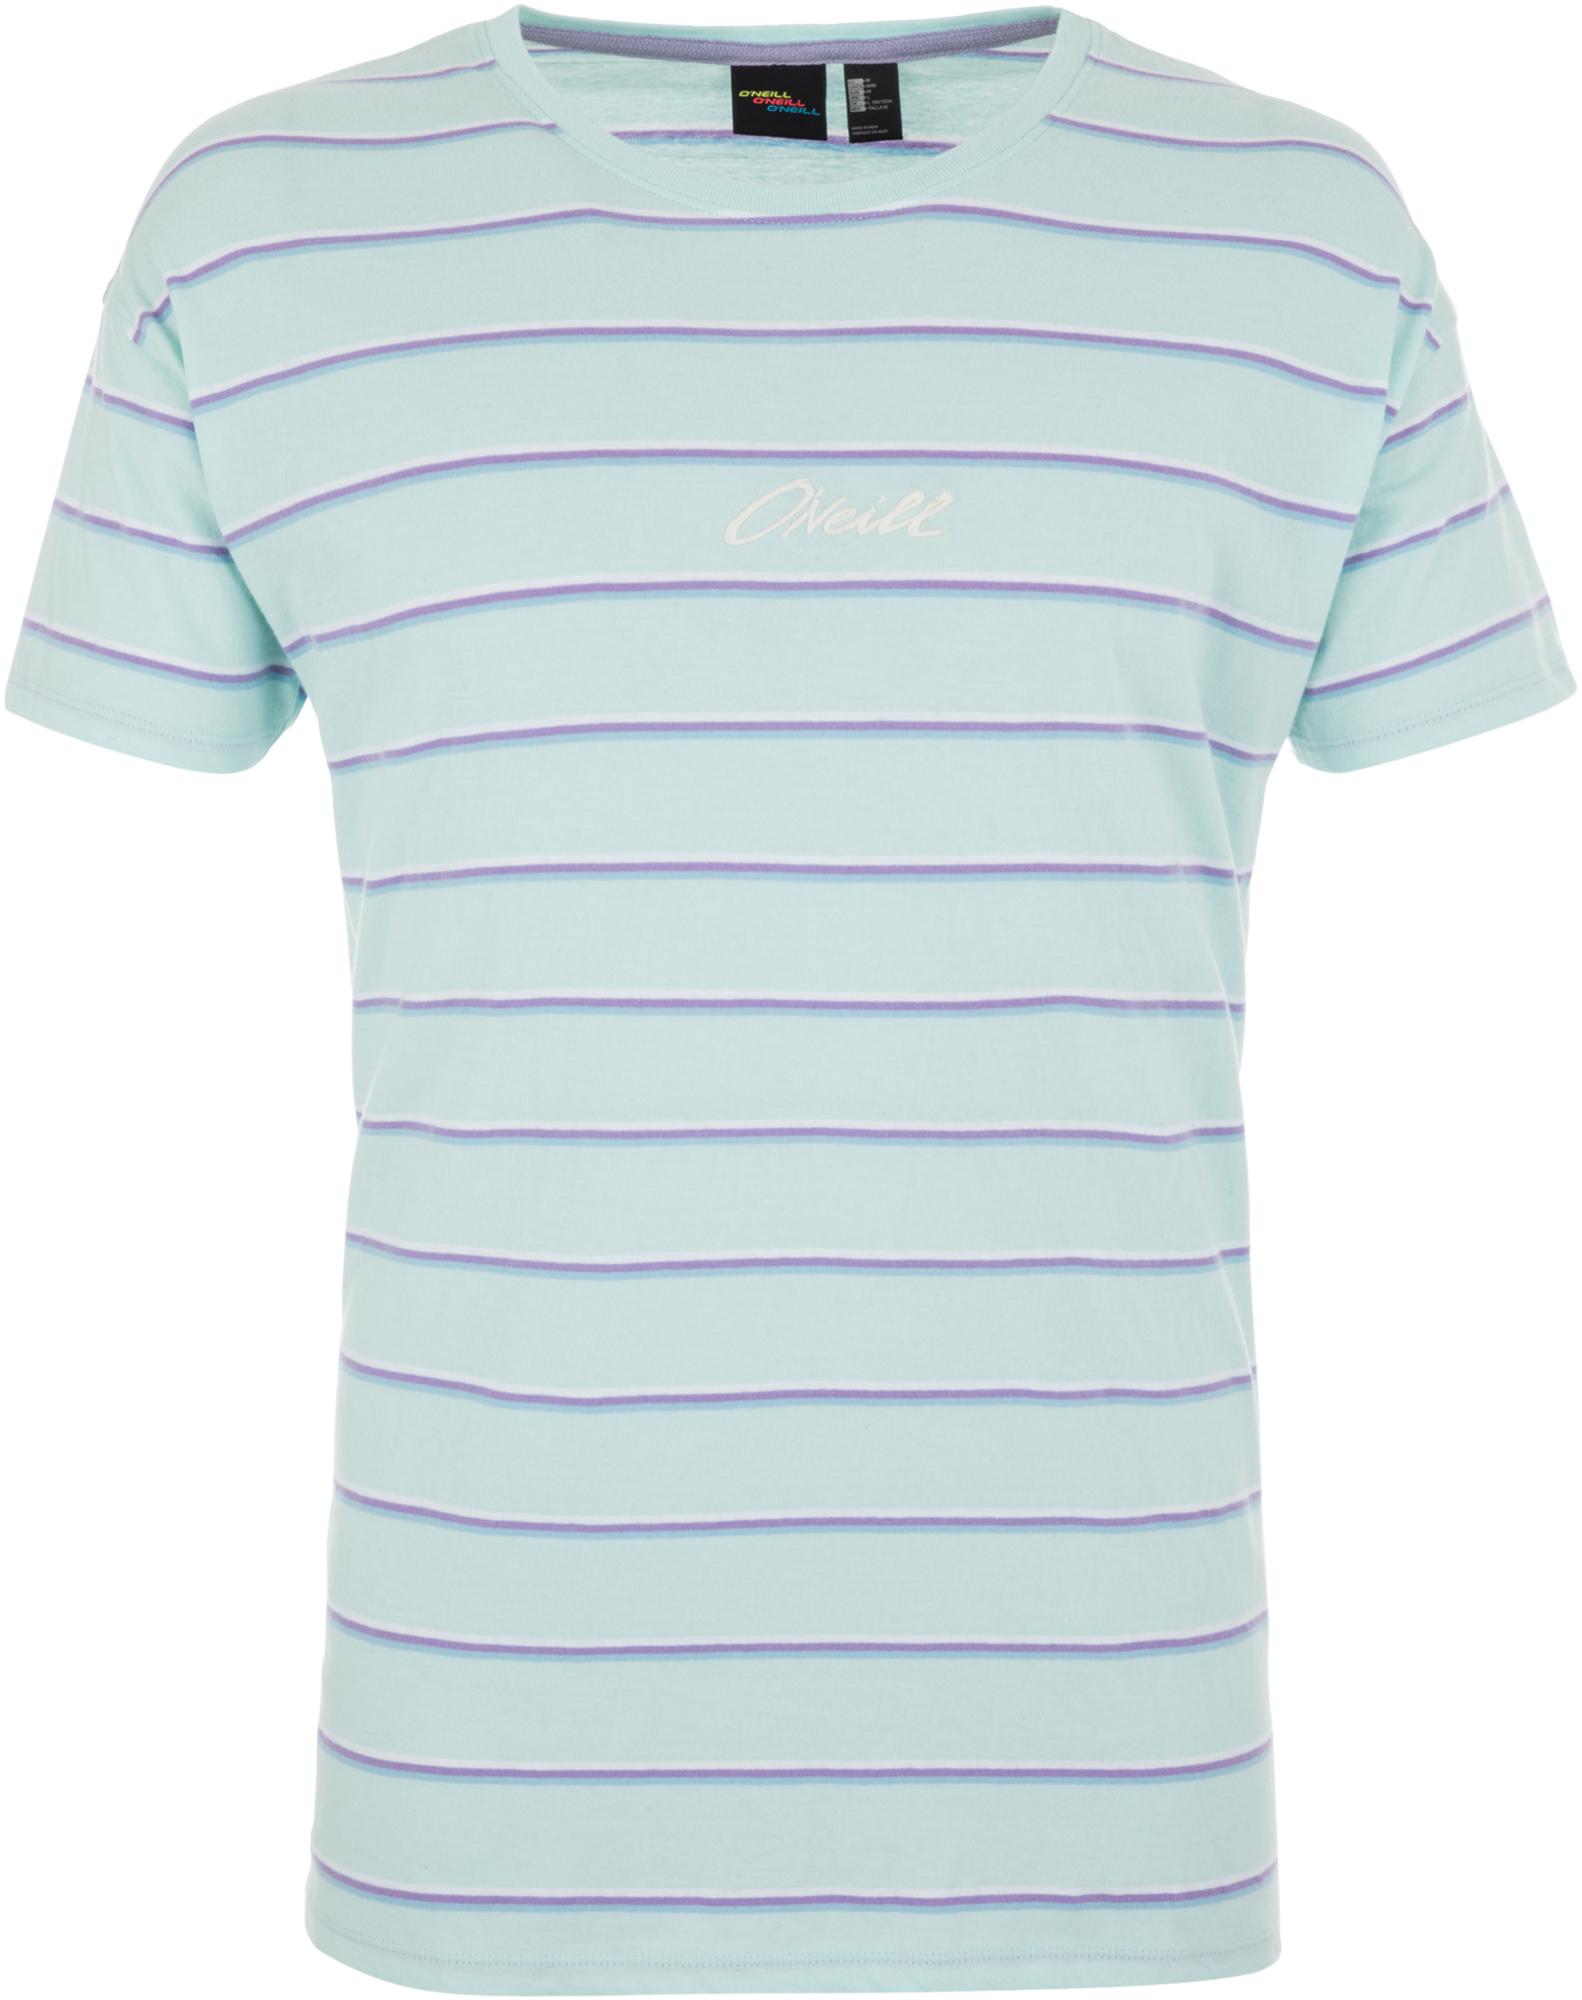 ONeill Футболка мужская Lm Striped Wow, размер 48-50